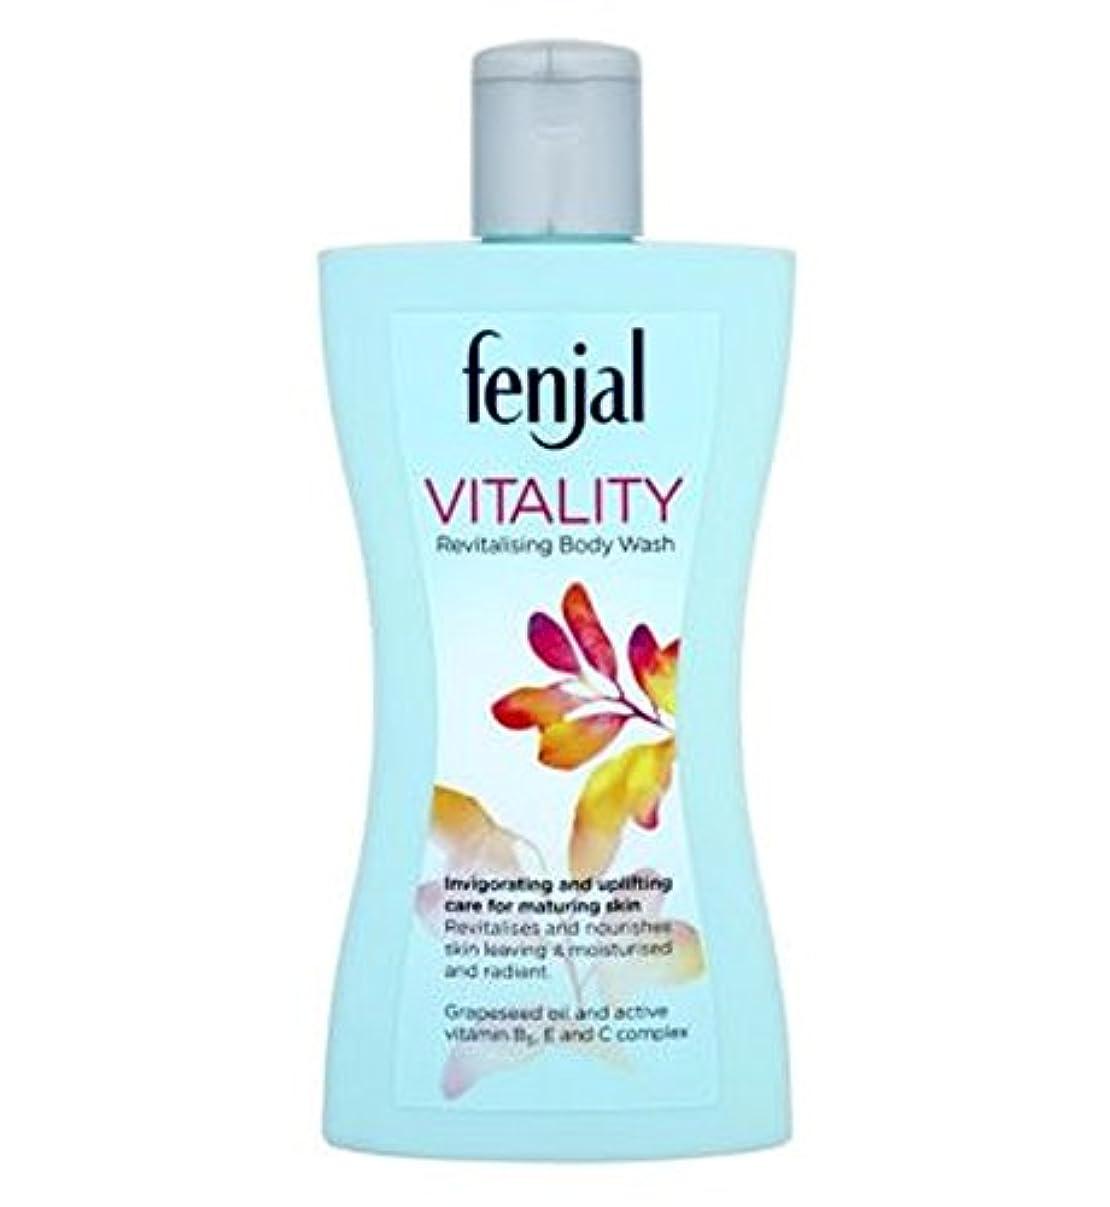 感度多様な靄Fenjal Vitality revitalising Body Wash - Fenjal活力活性化ボディウォッシュ (Fenjal) [並行輸入品]